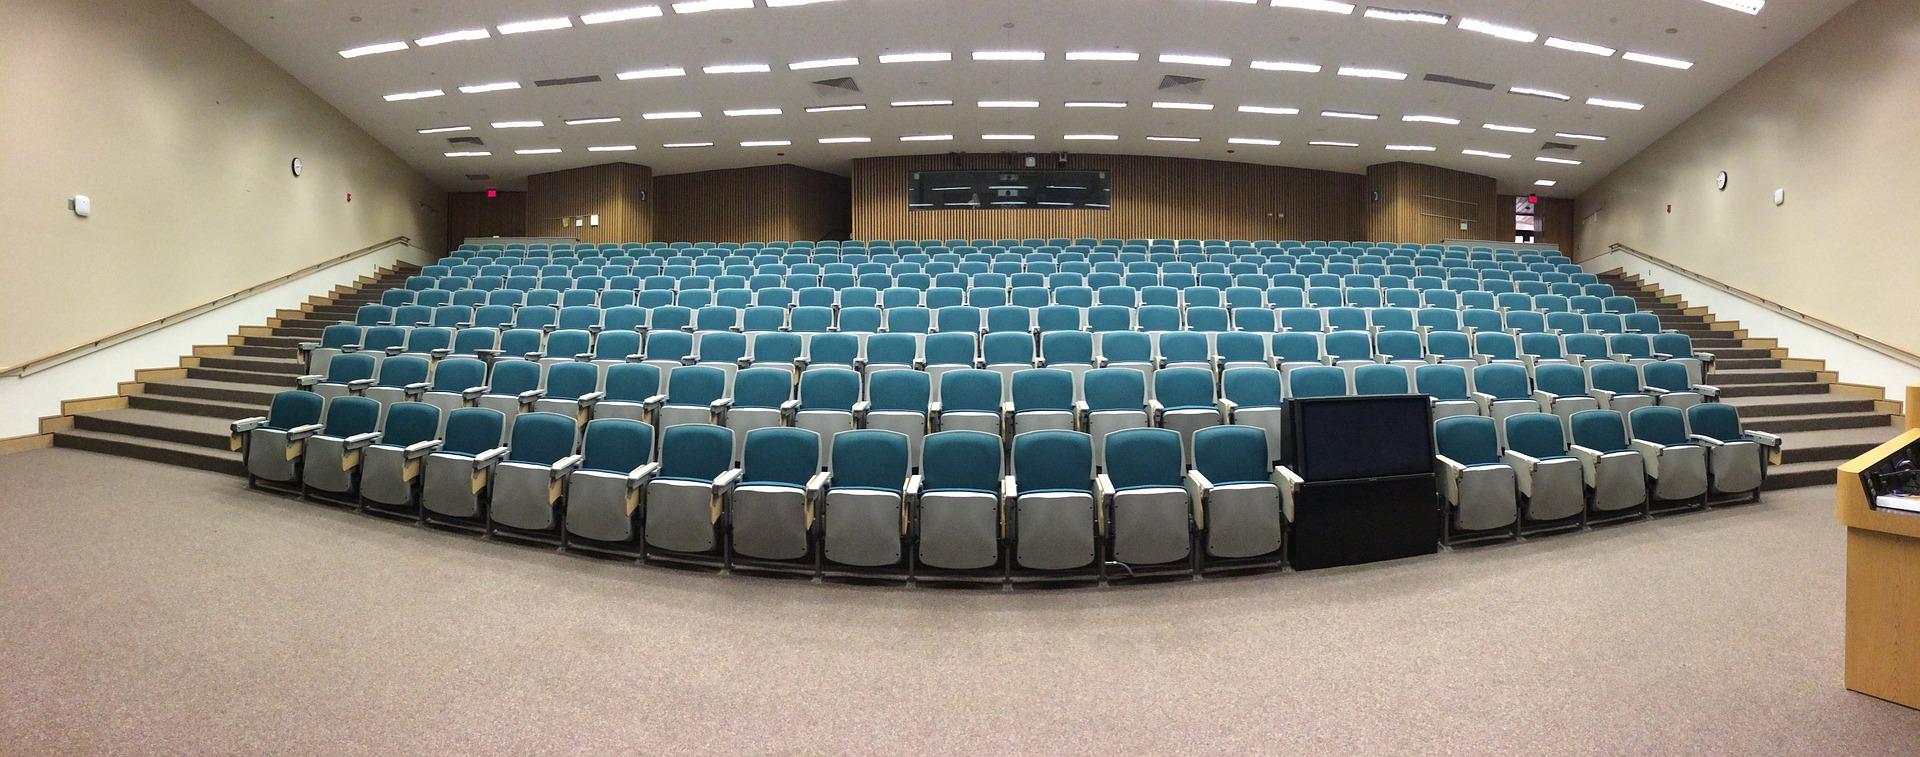 auditorium-572776_1920.jpg